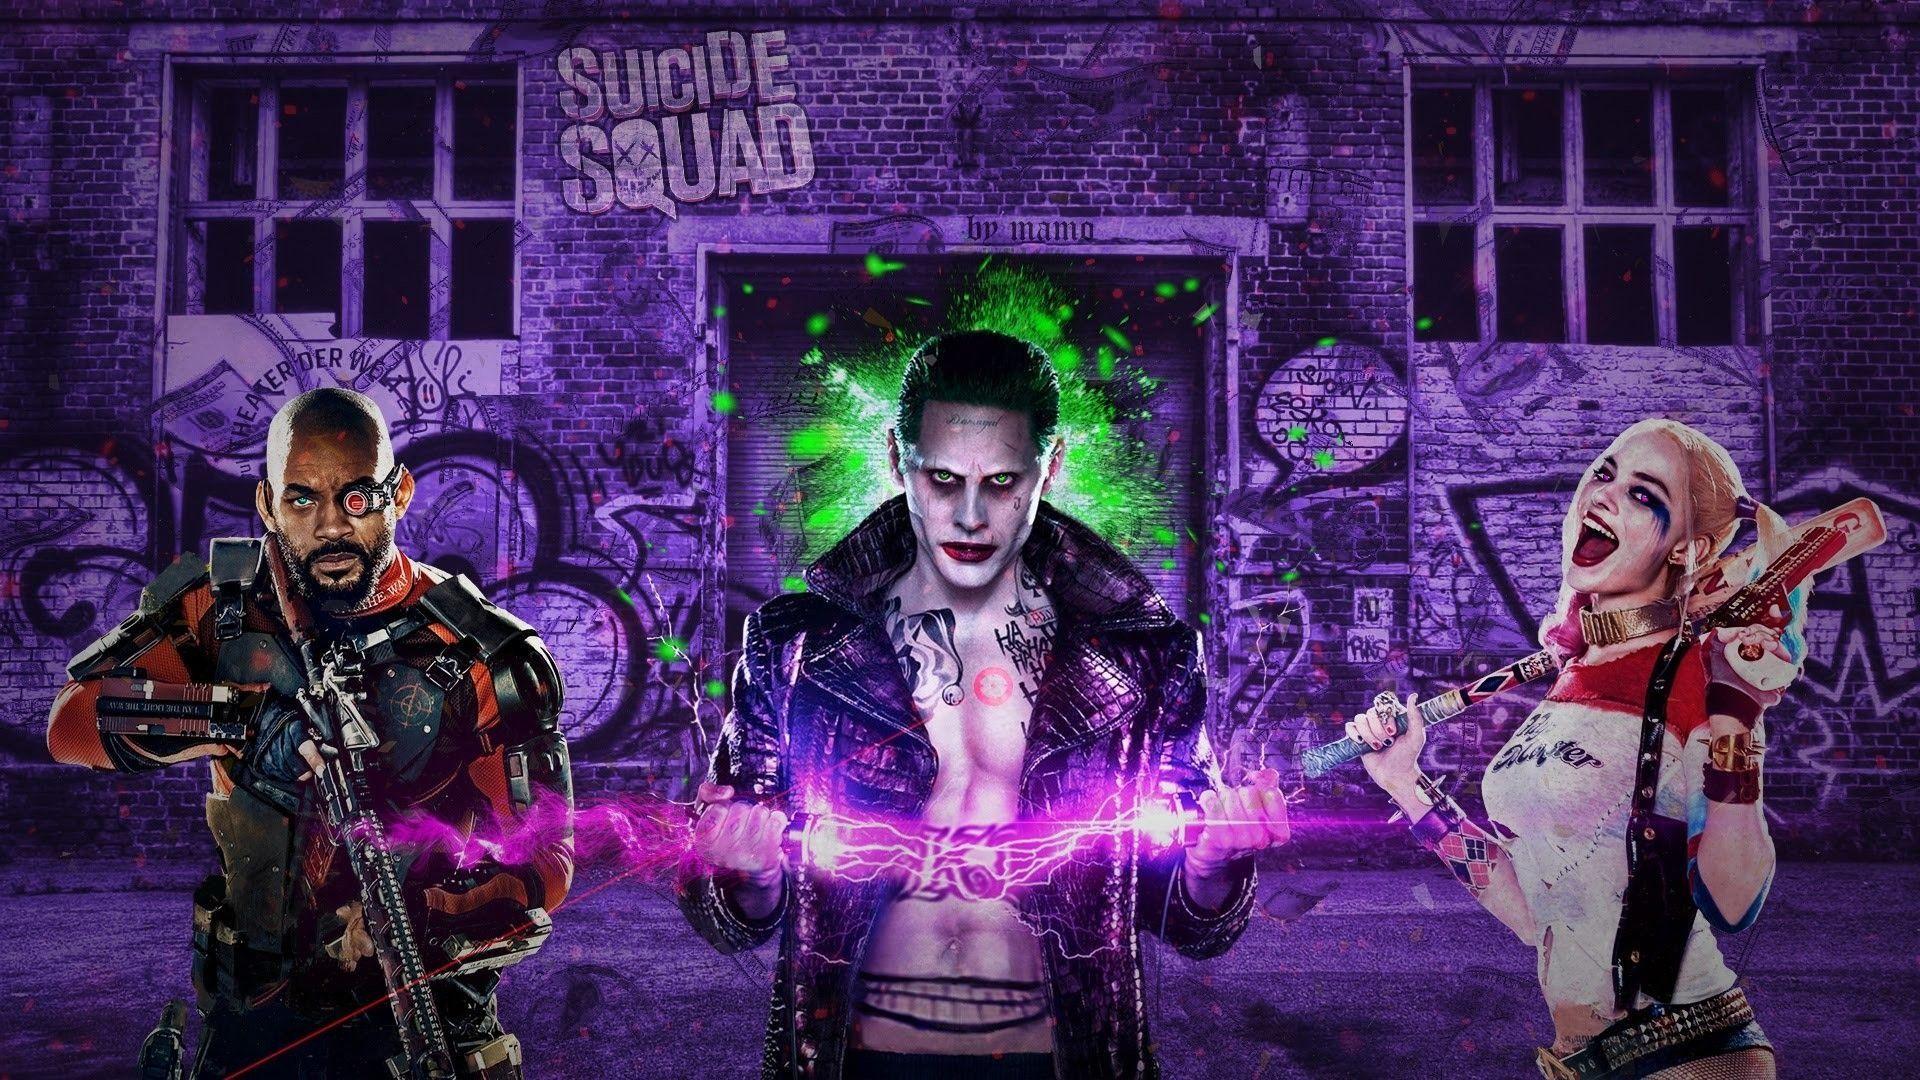 Suicide Squad, Desktop Wallpaper